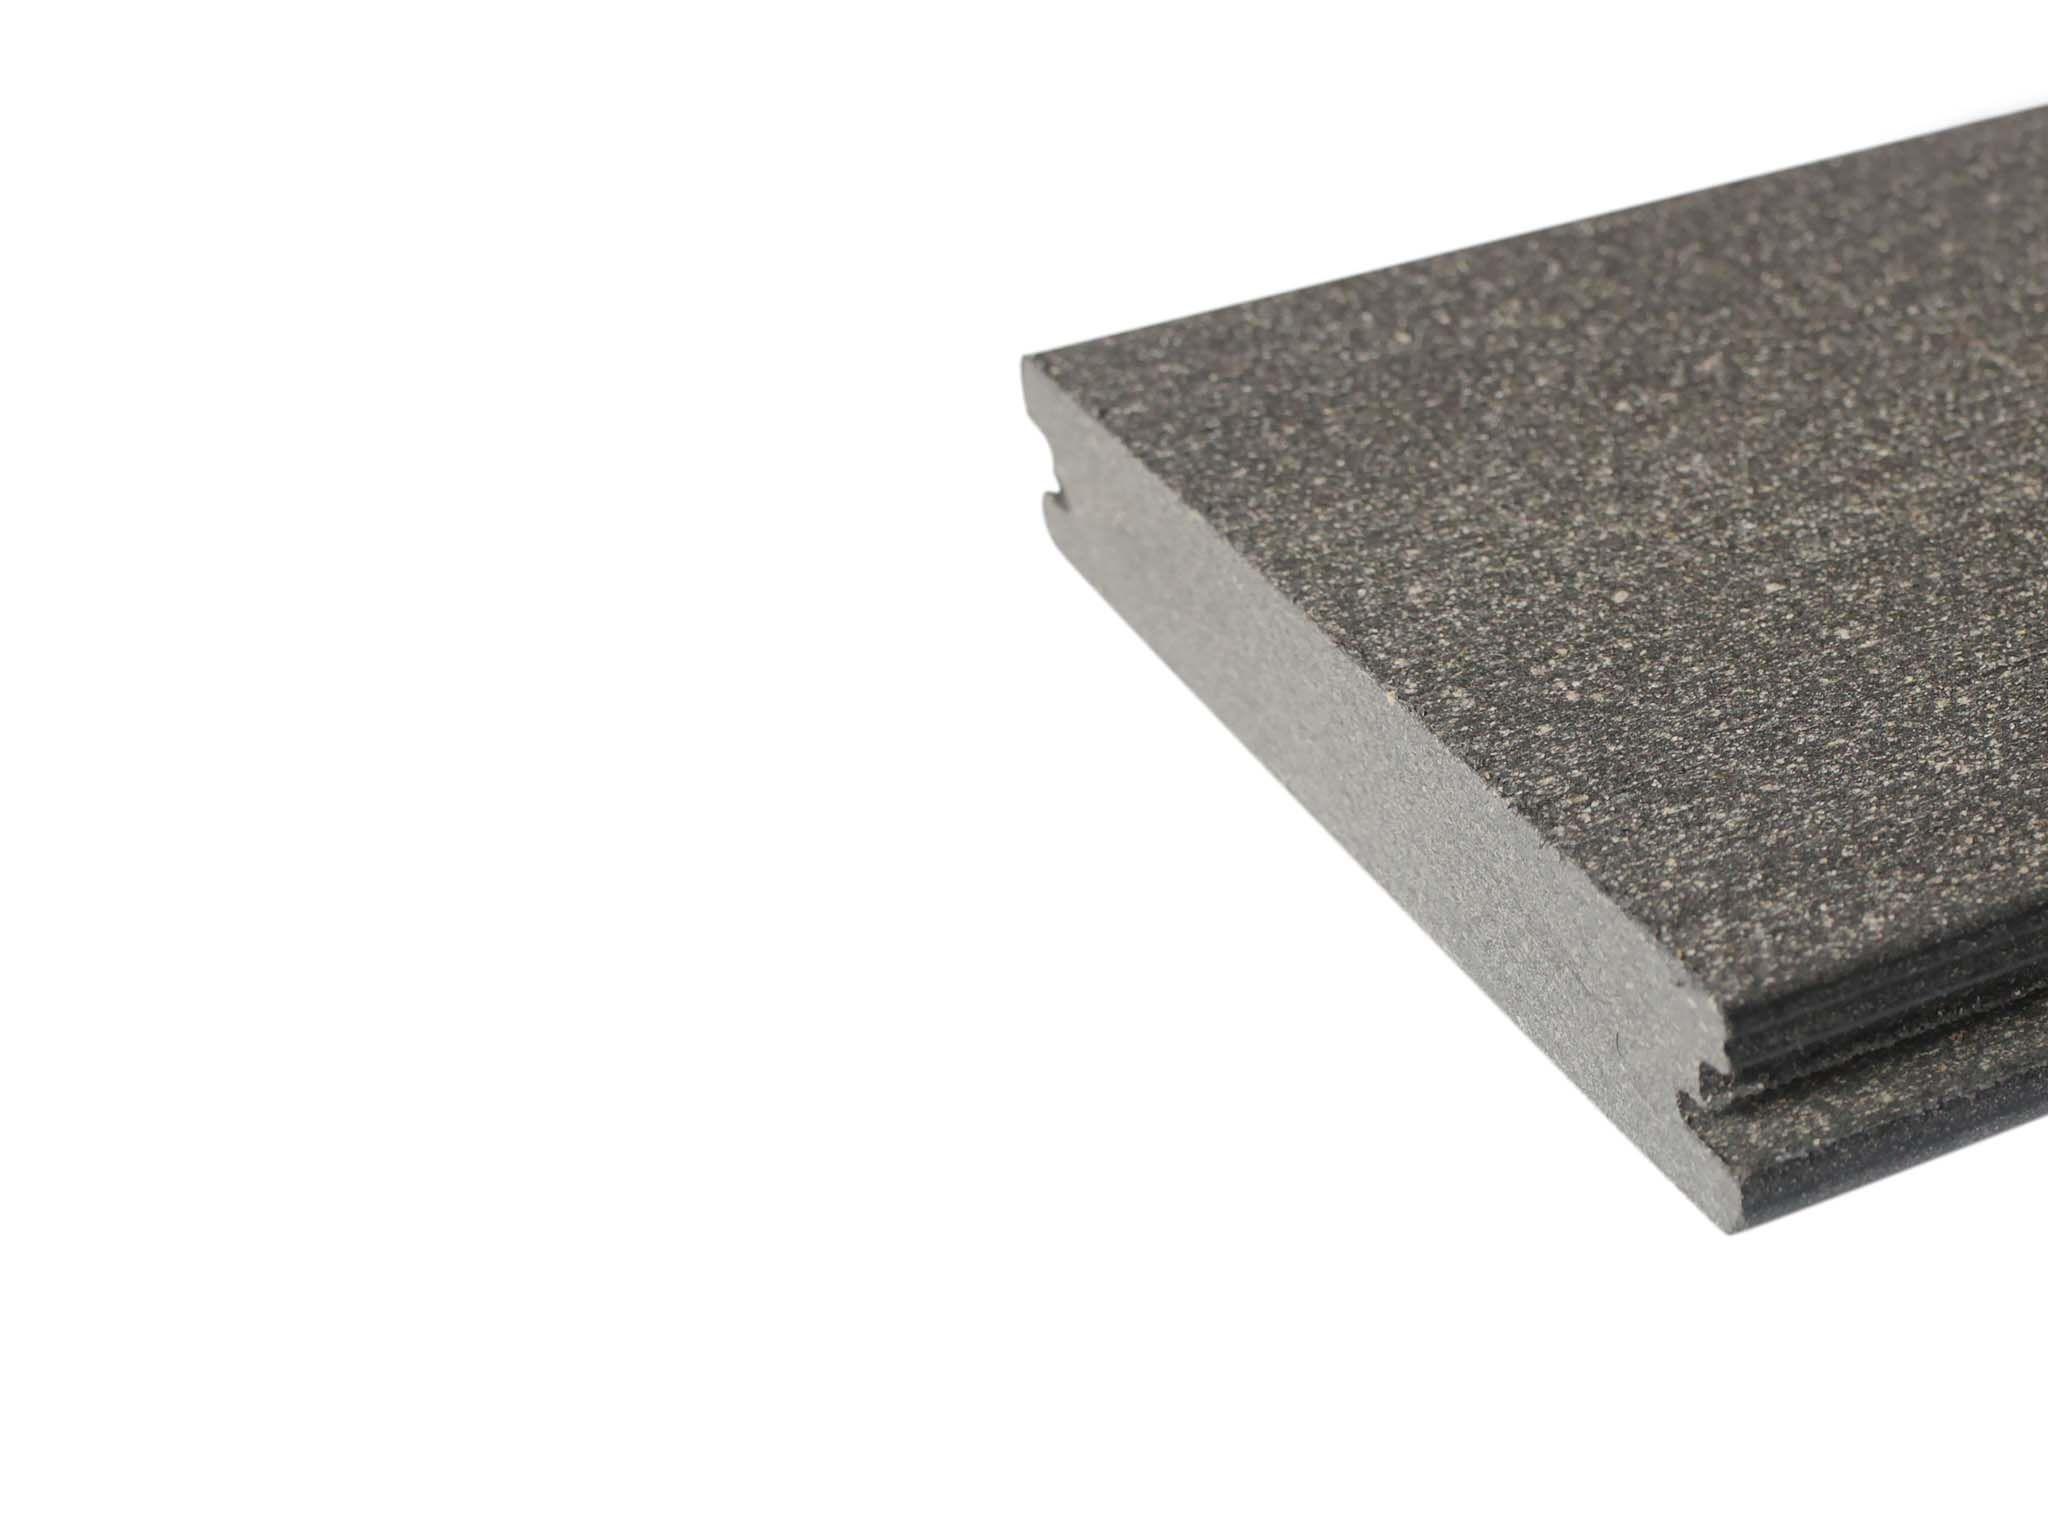 Mydeck Wpc Preise design massivdiele wpc mydeck breite ca 14 cm höhe ca 2 3 cm